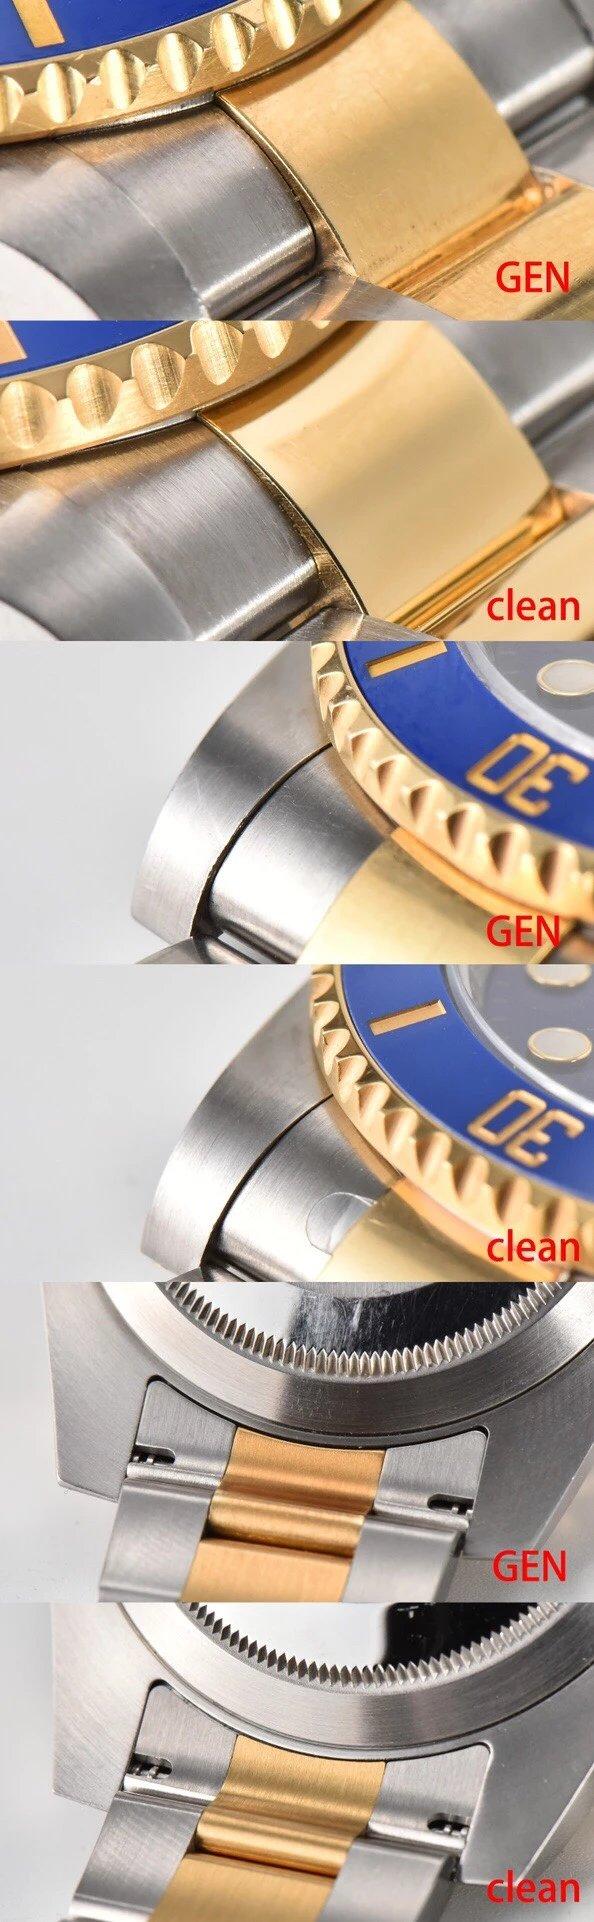 C厂116613间金黑水鬼CLEAN厂真正的cleanv4最新版本绿色圈口,秒杀原有的v3版绿圈独家cleanv1版本蓝圈/同原装一致呈现蓝紫色手工打磨立体指针/不用再更换代用指针